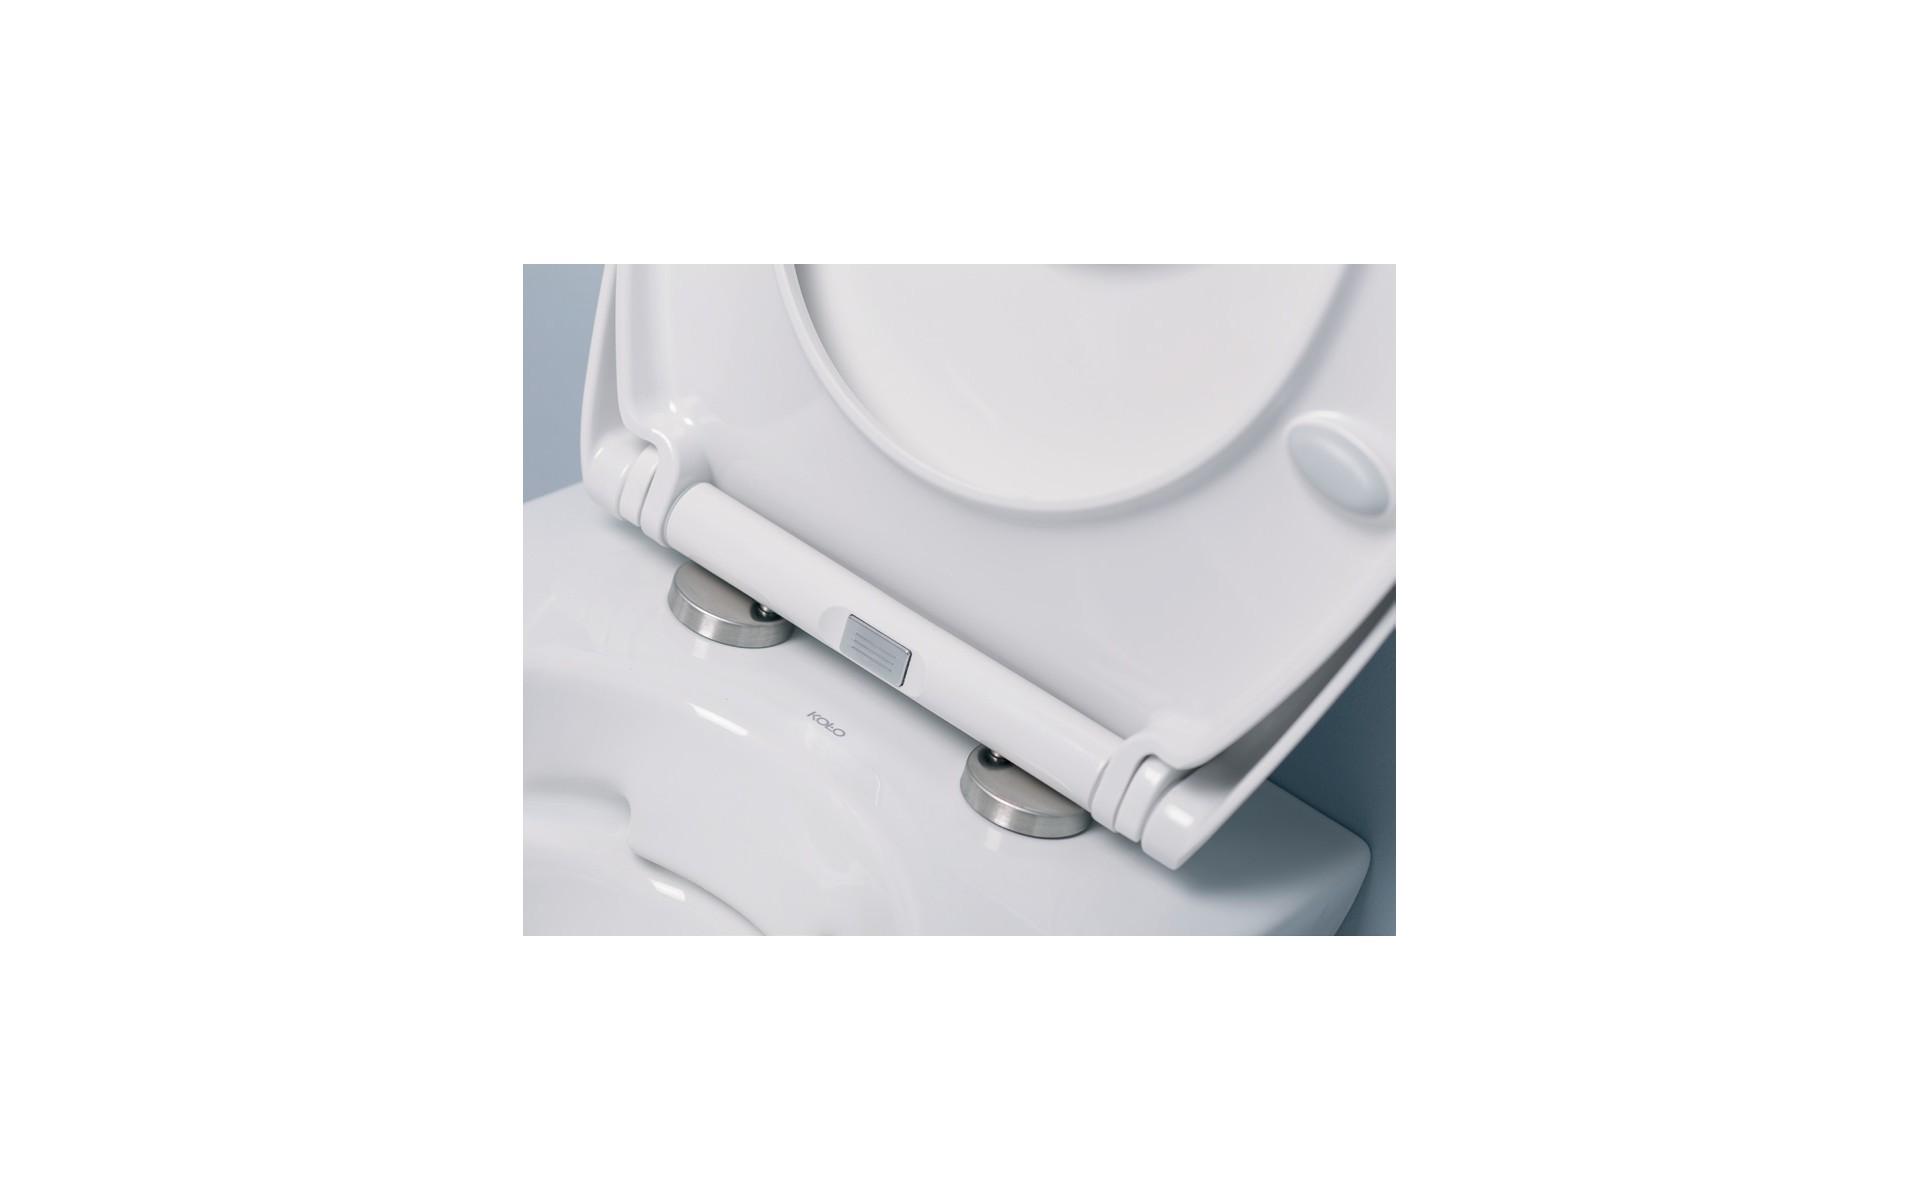 Deska sedesowa do toalety dla osób niepełnosprawnych KOŁO.